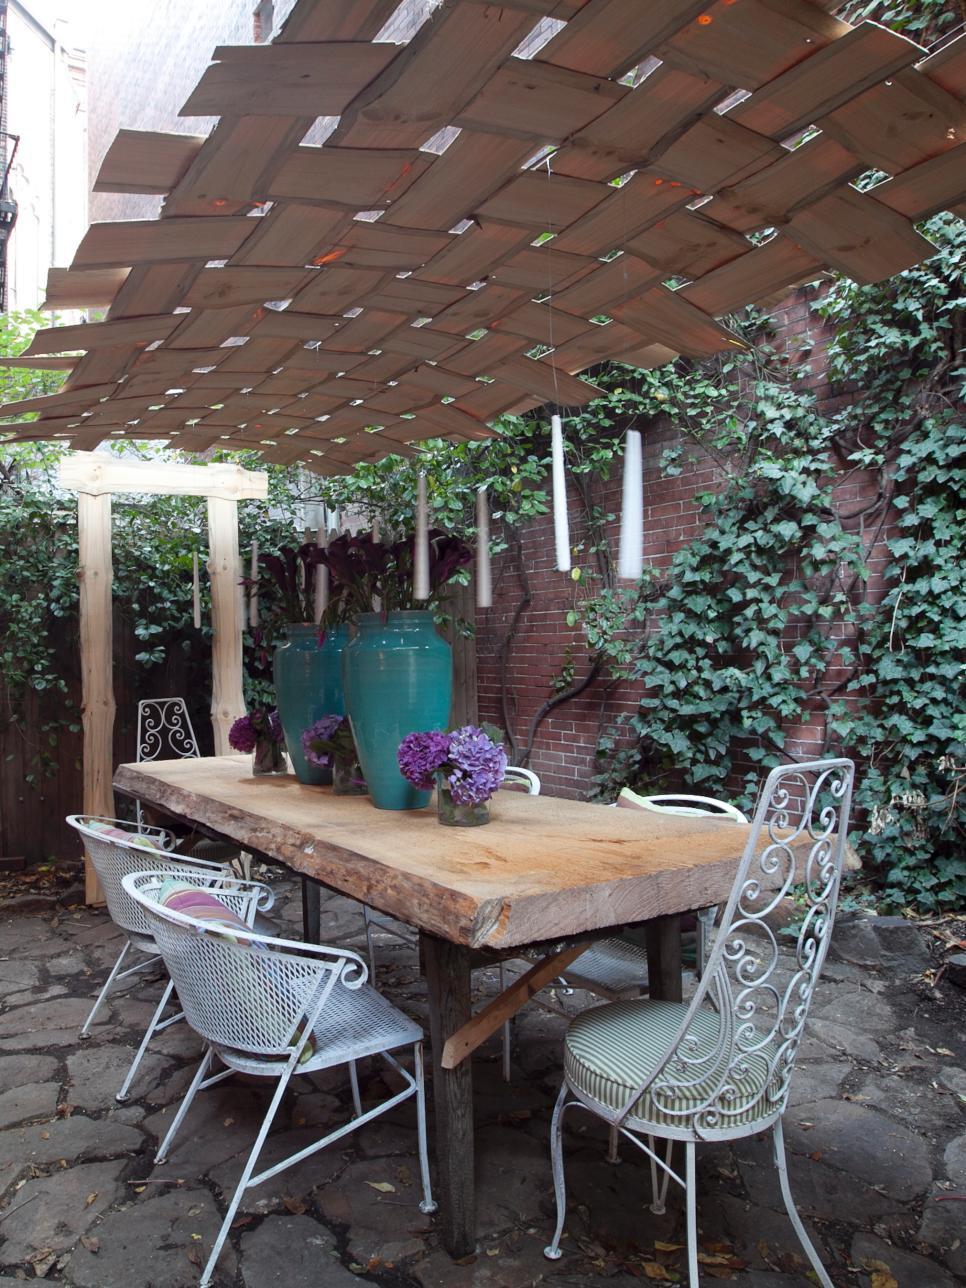 DIY Outdoor Shade  10 Creative DIY Outdoor Shady Space Ideas Page 2 of 2